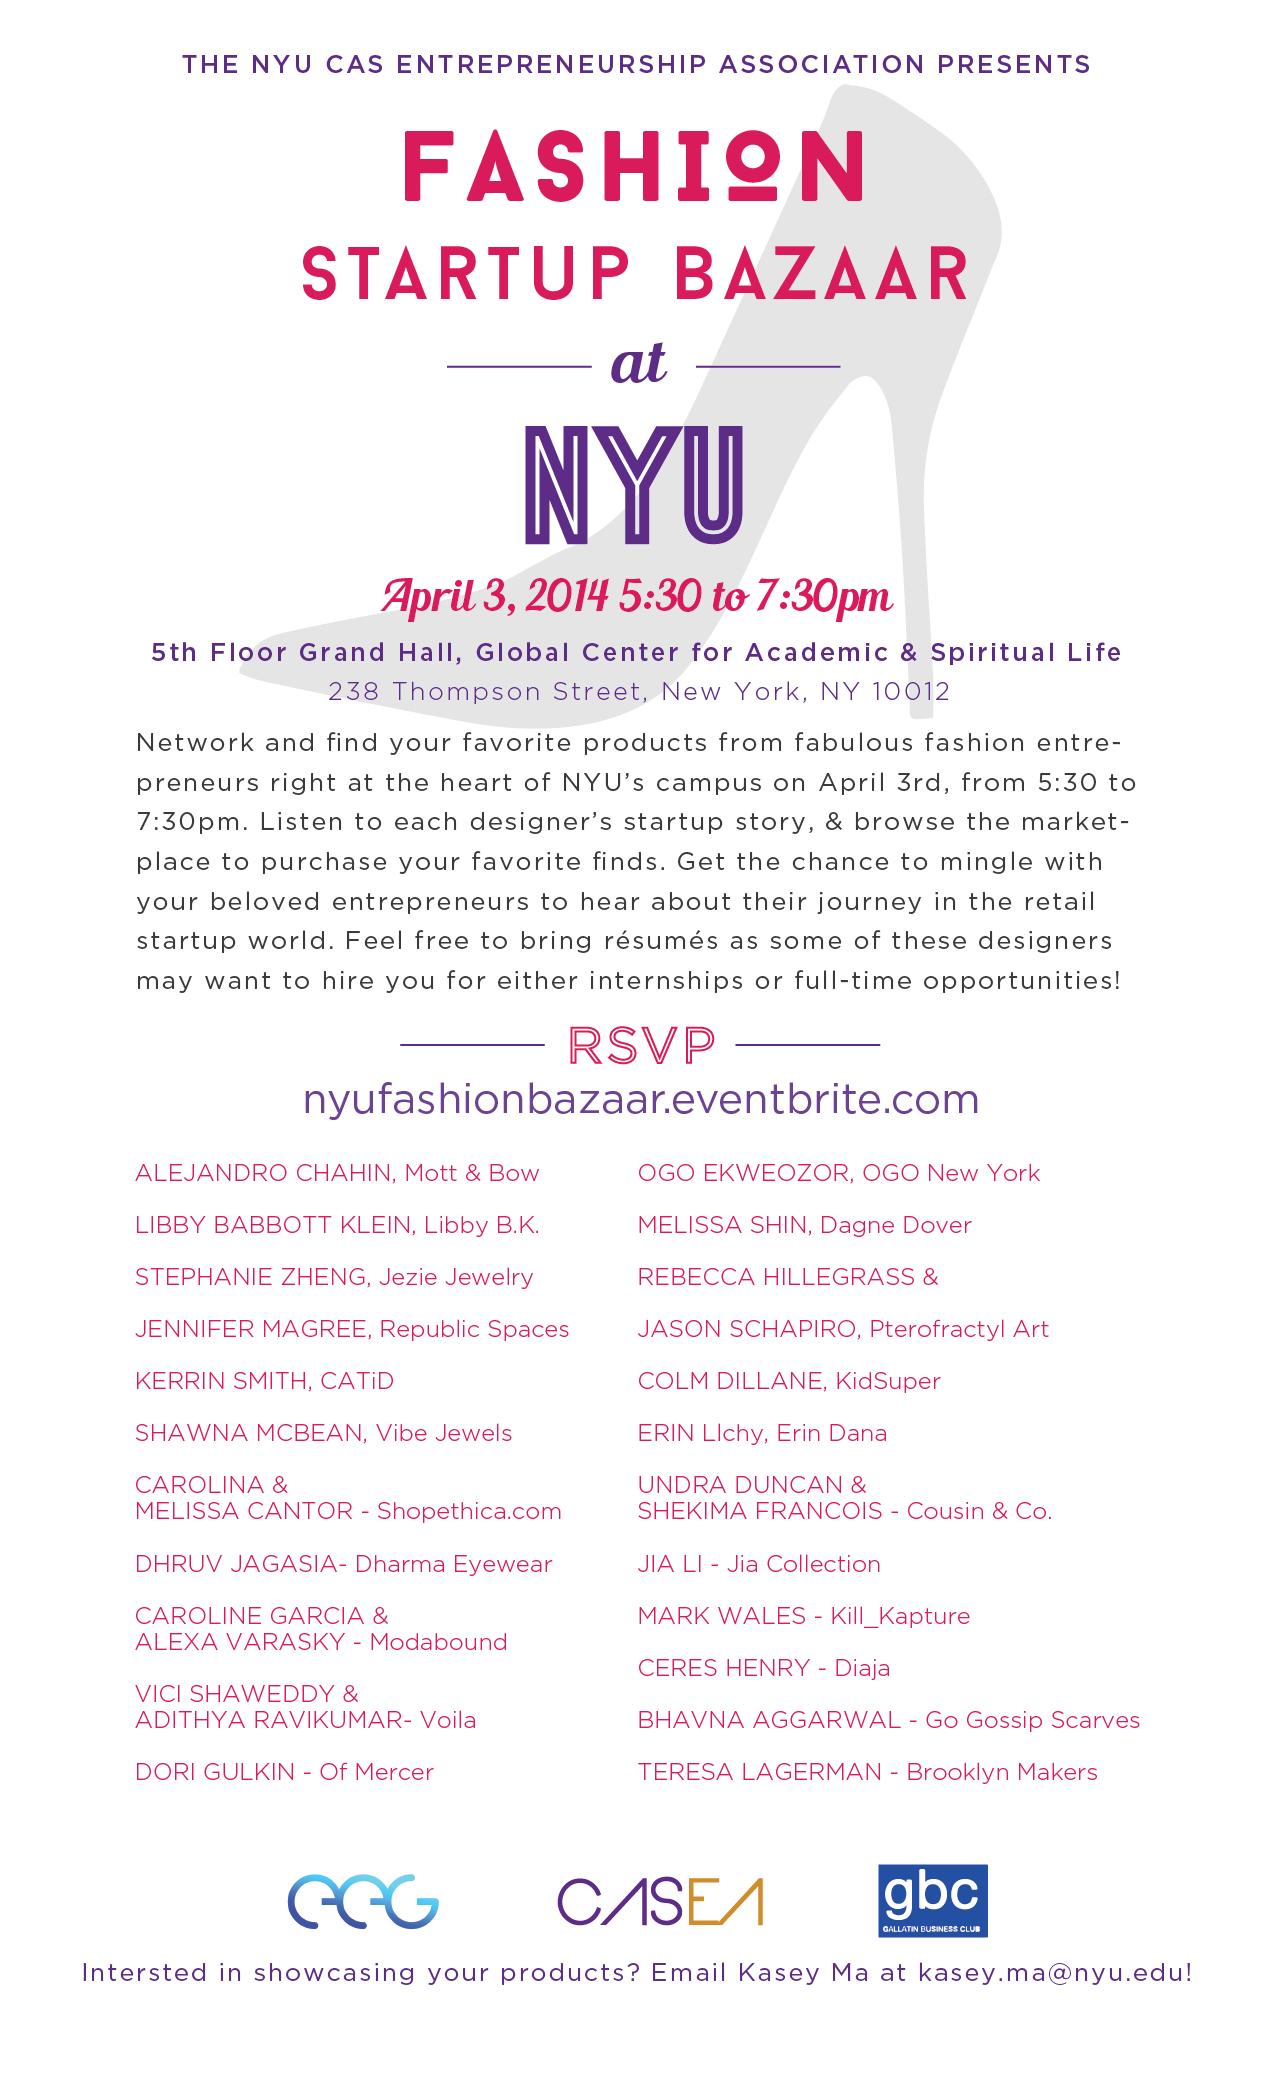 NYU Fashion Startup Bazaar